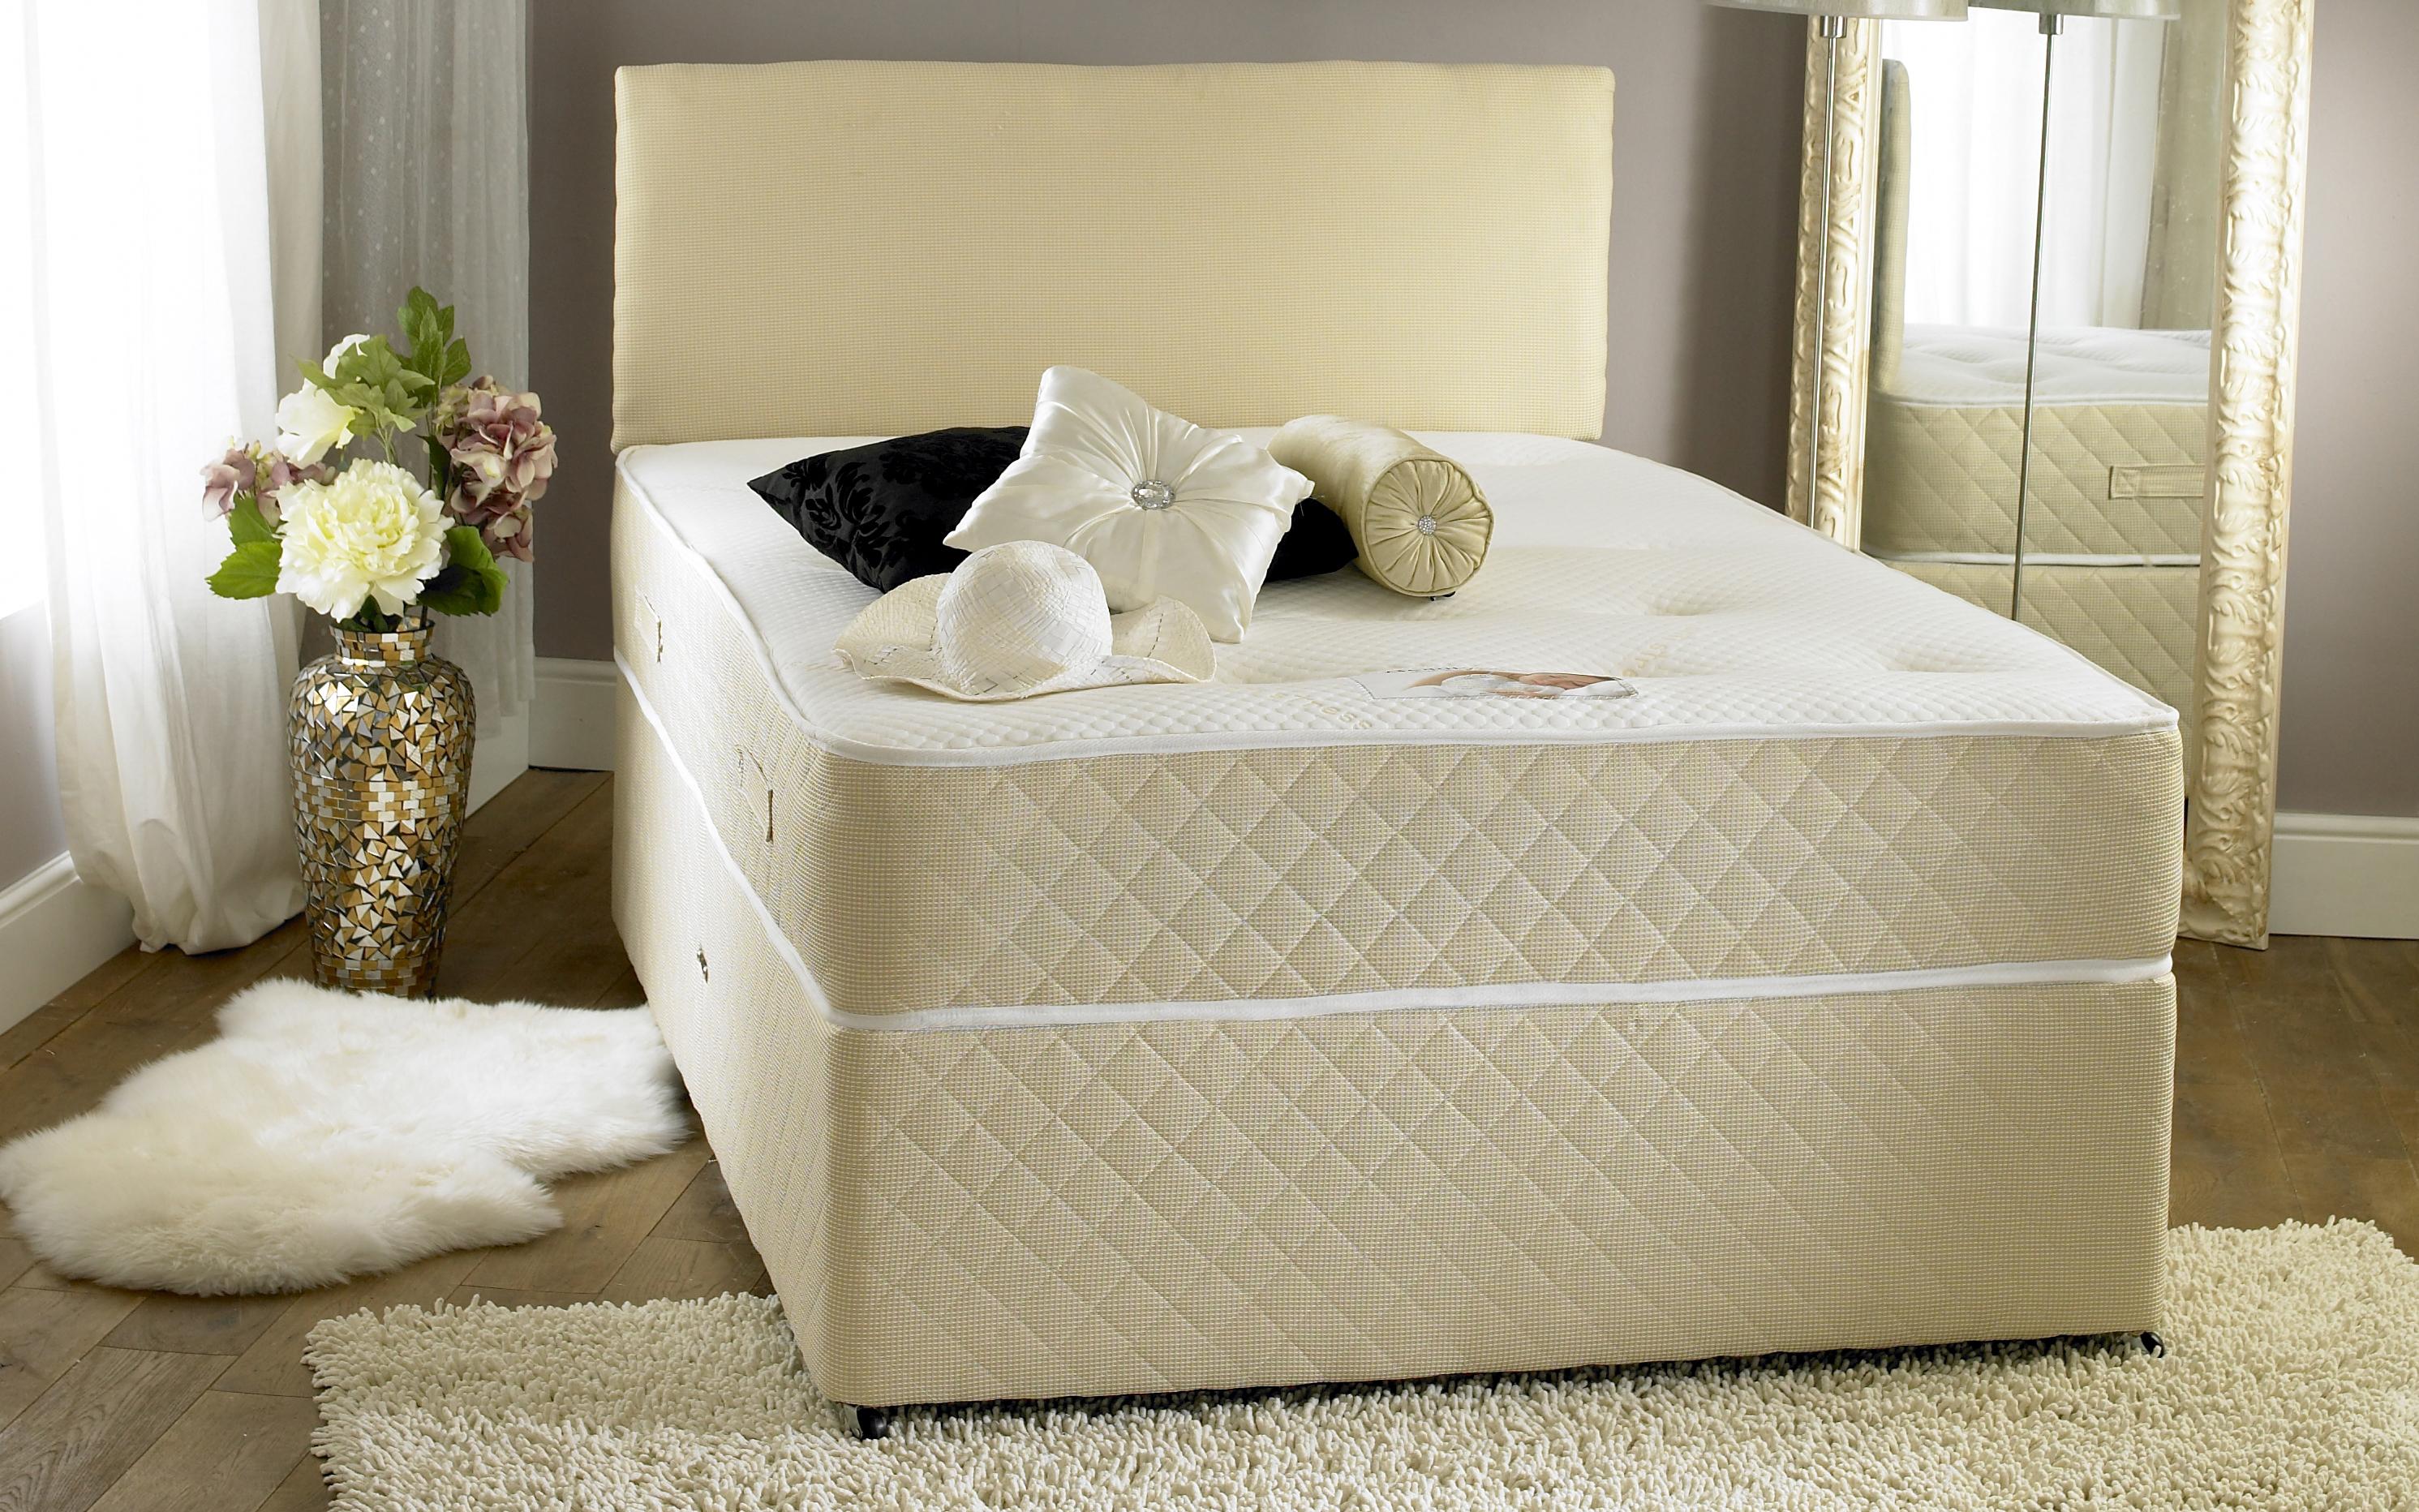 Almond Divan Bed